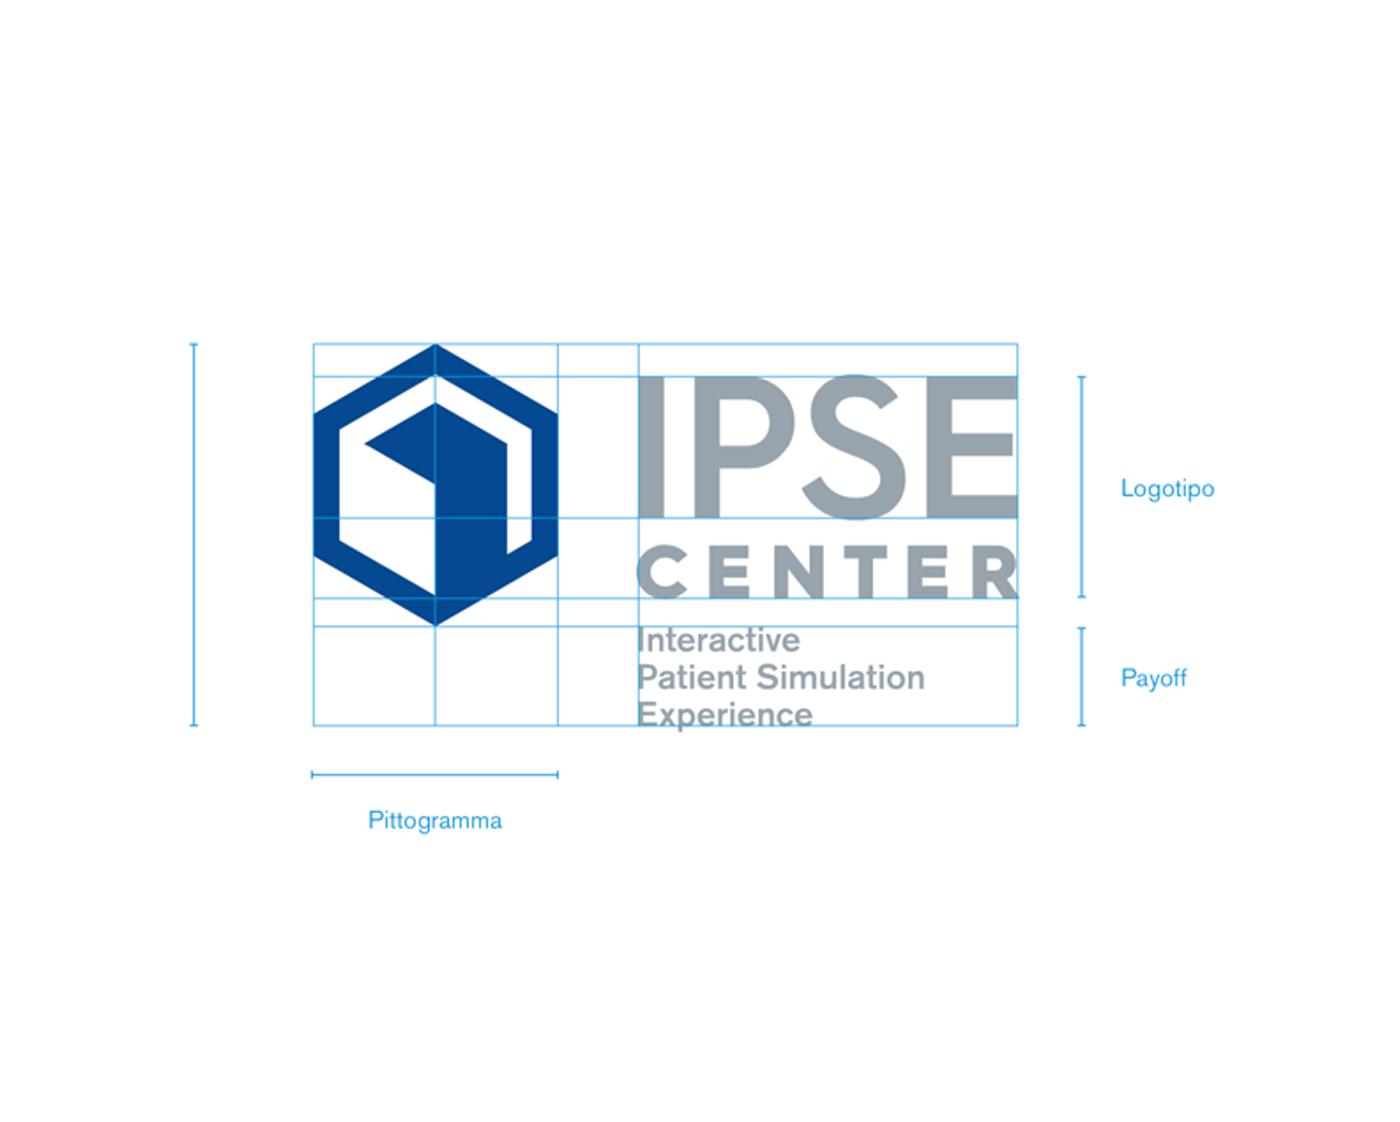 Logo Ipse Center per la fondazione Gemelli